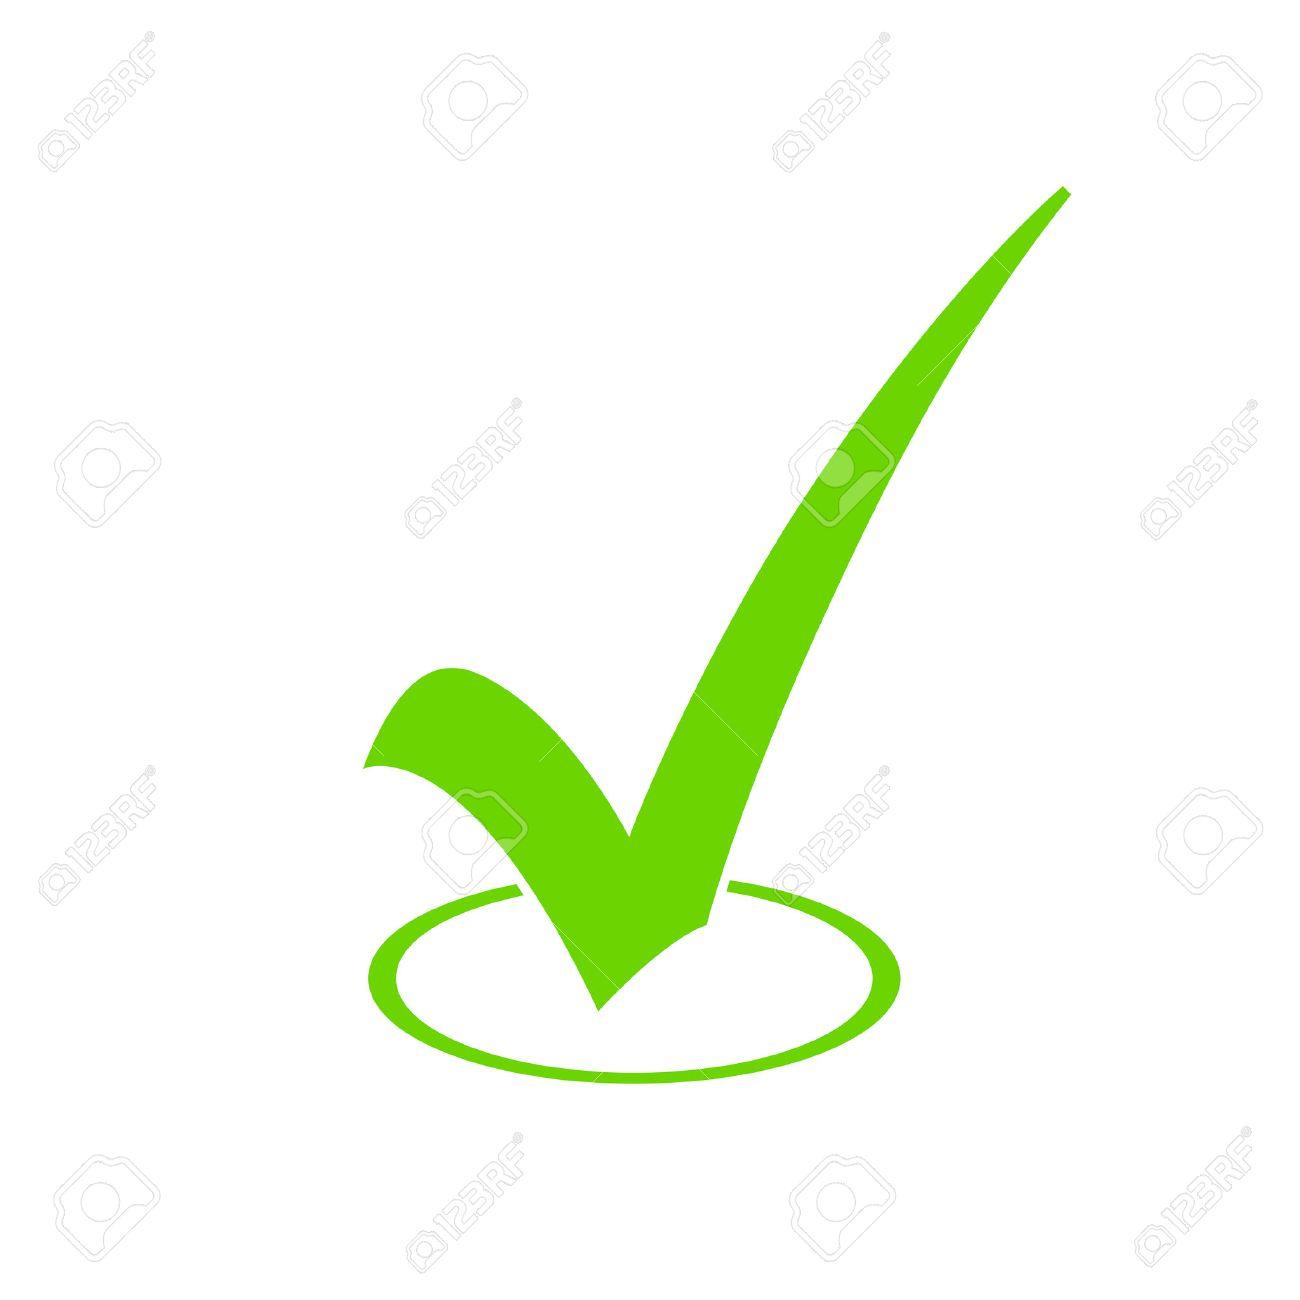 Green Check Mark Icon - 34371525